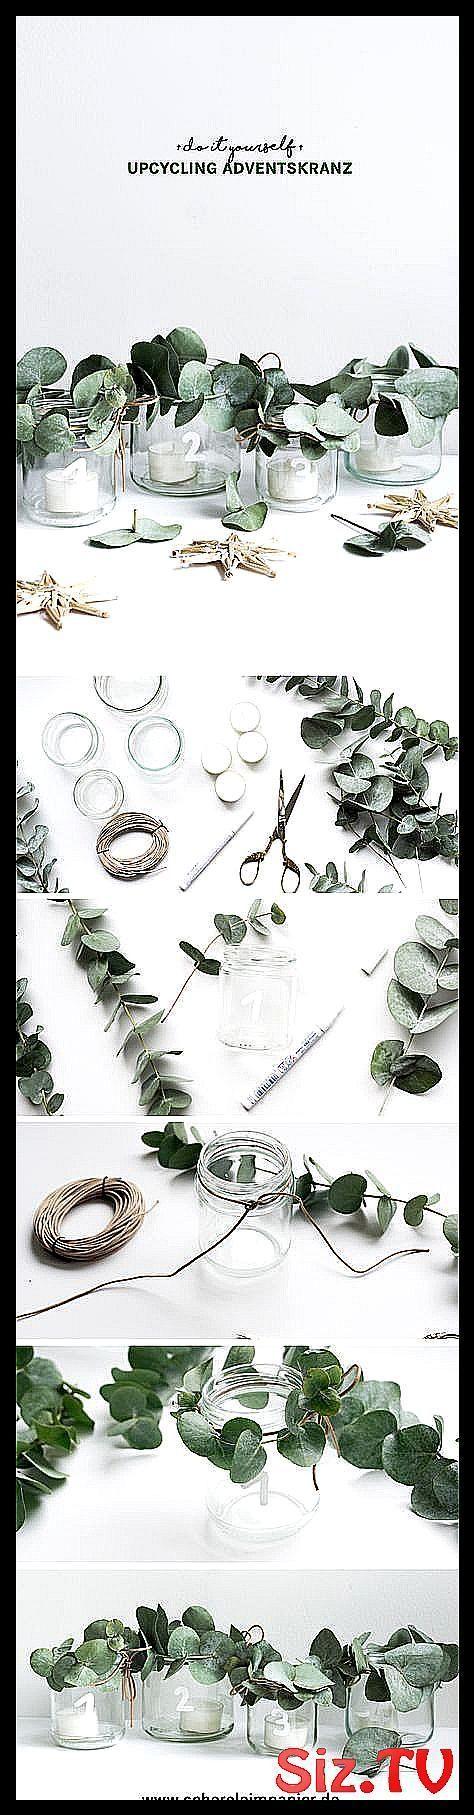 DIY Adventskranz – eine Upcycling-Idee mit Glas, um den Adventskranz selbst zu machen: …., #Advent …